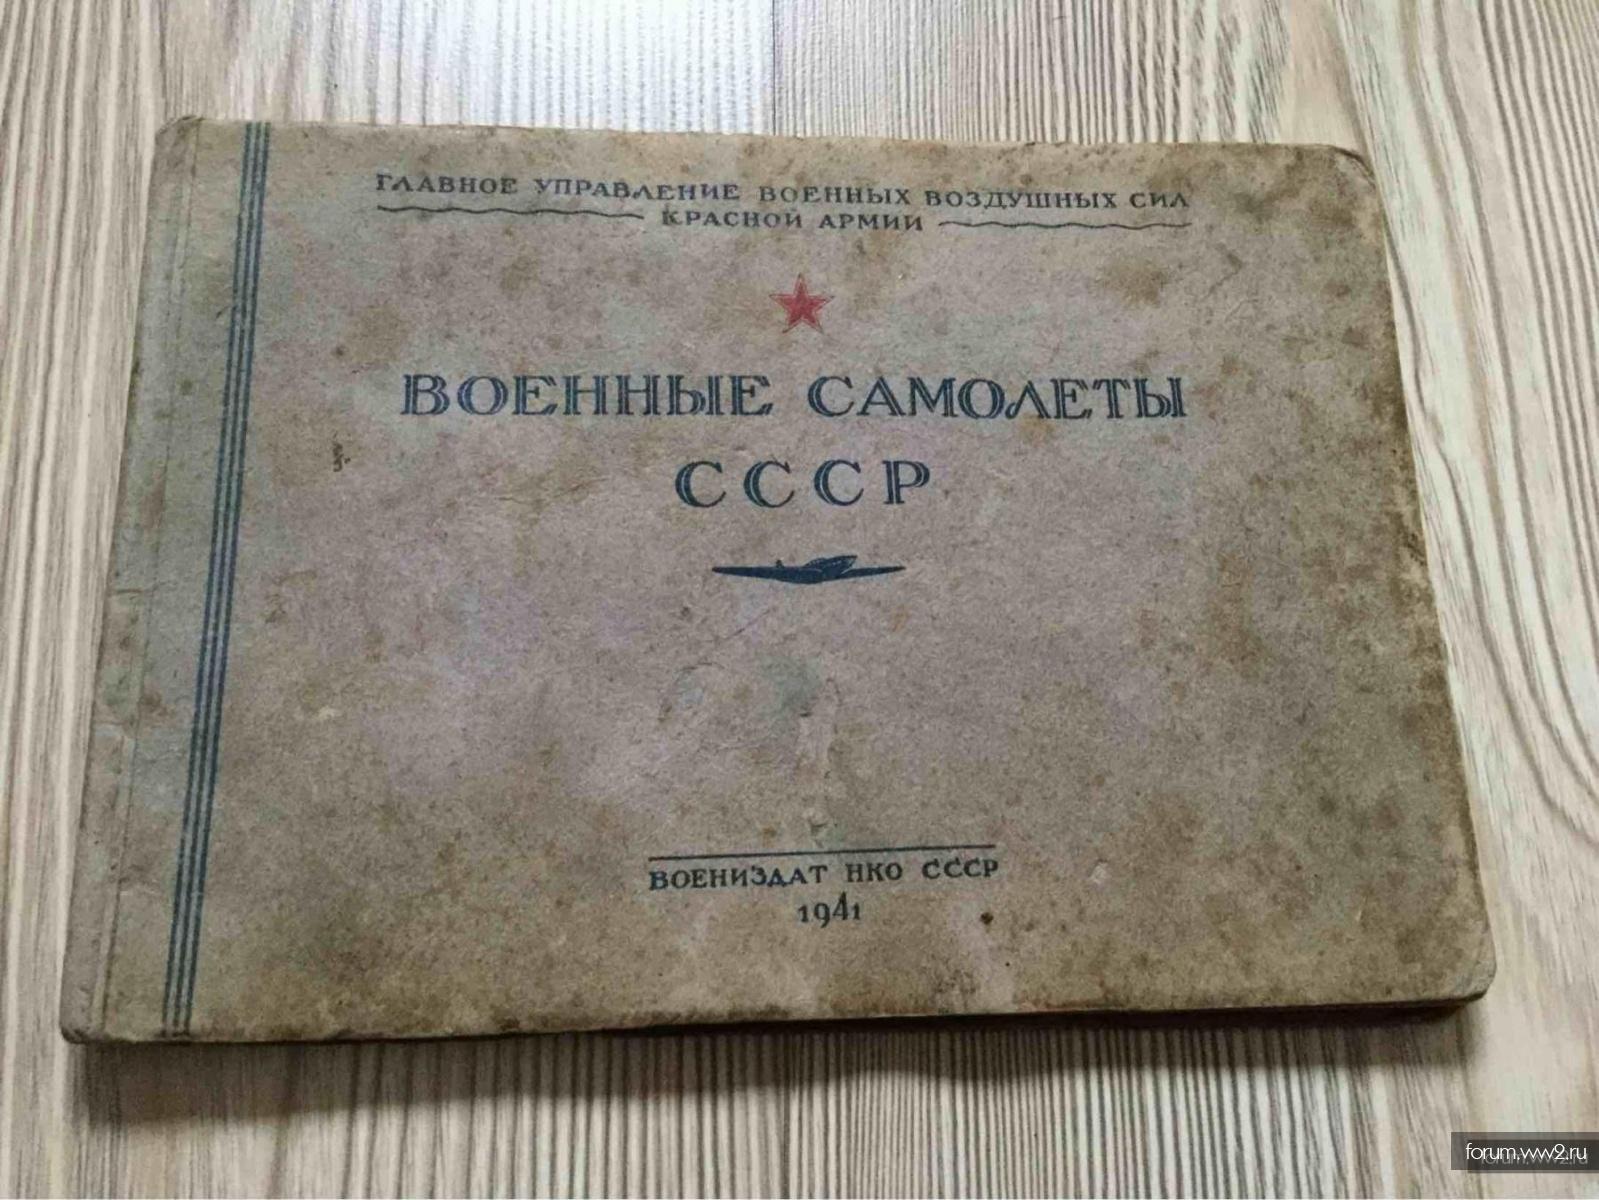 Альбом »Военные самолеты СССР» Воениздат НКО СССР 1941